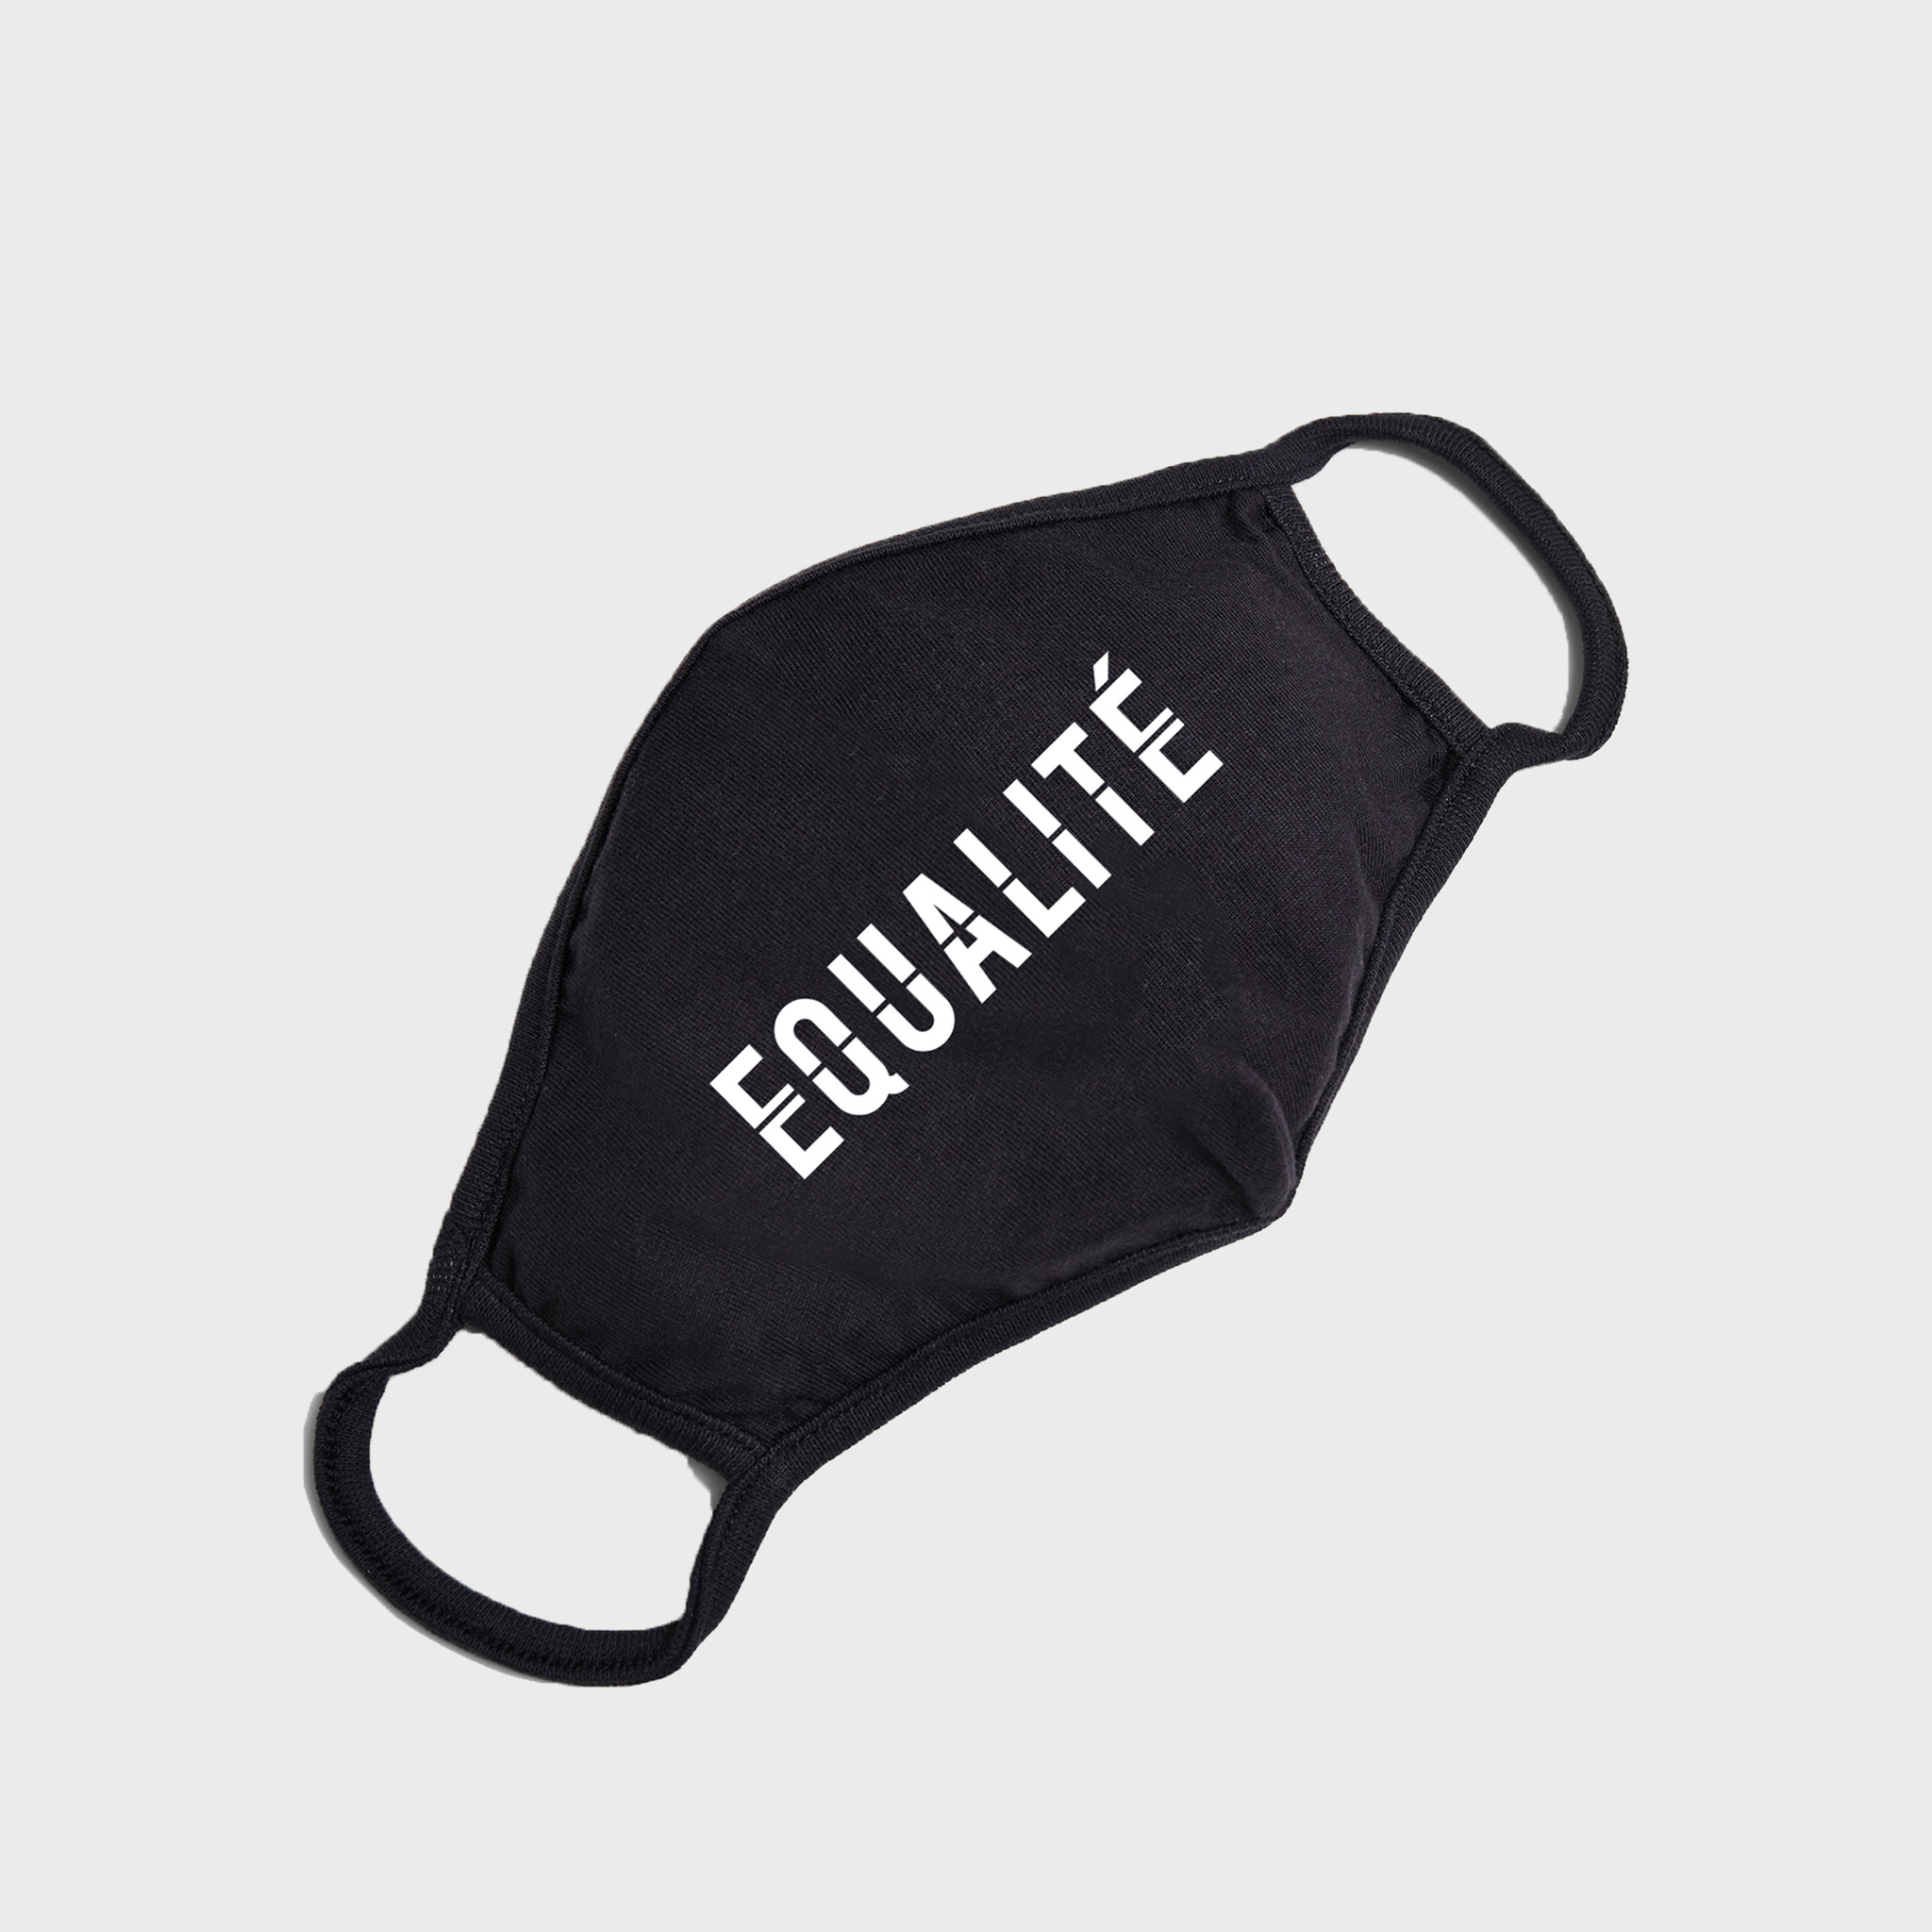 Equalité face mask black-2